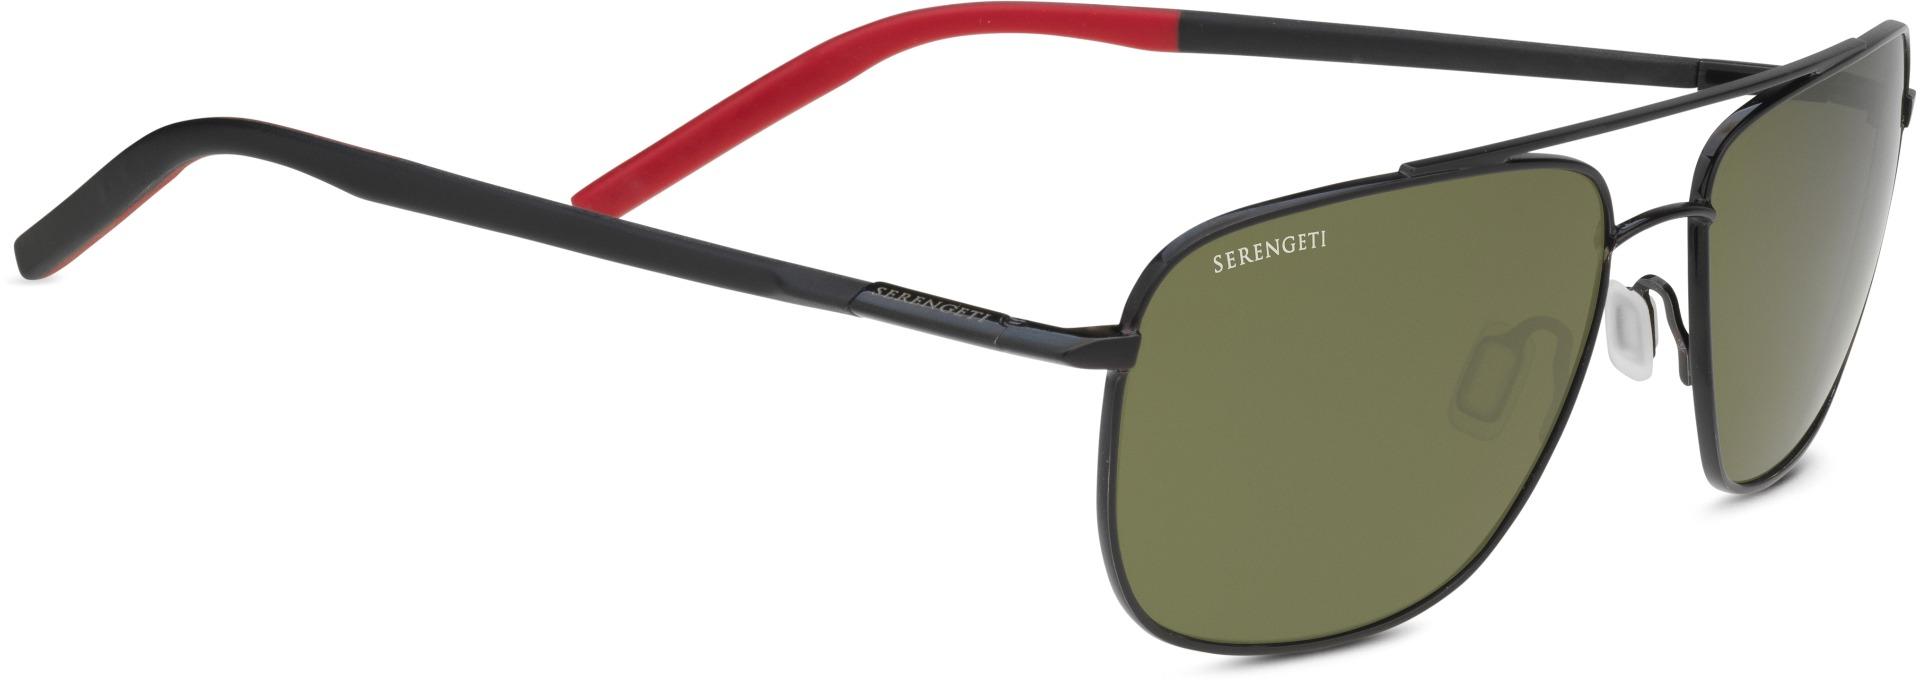 Serengeti Tellaro-8818-60 | 726644099766